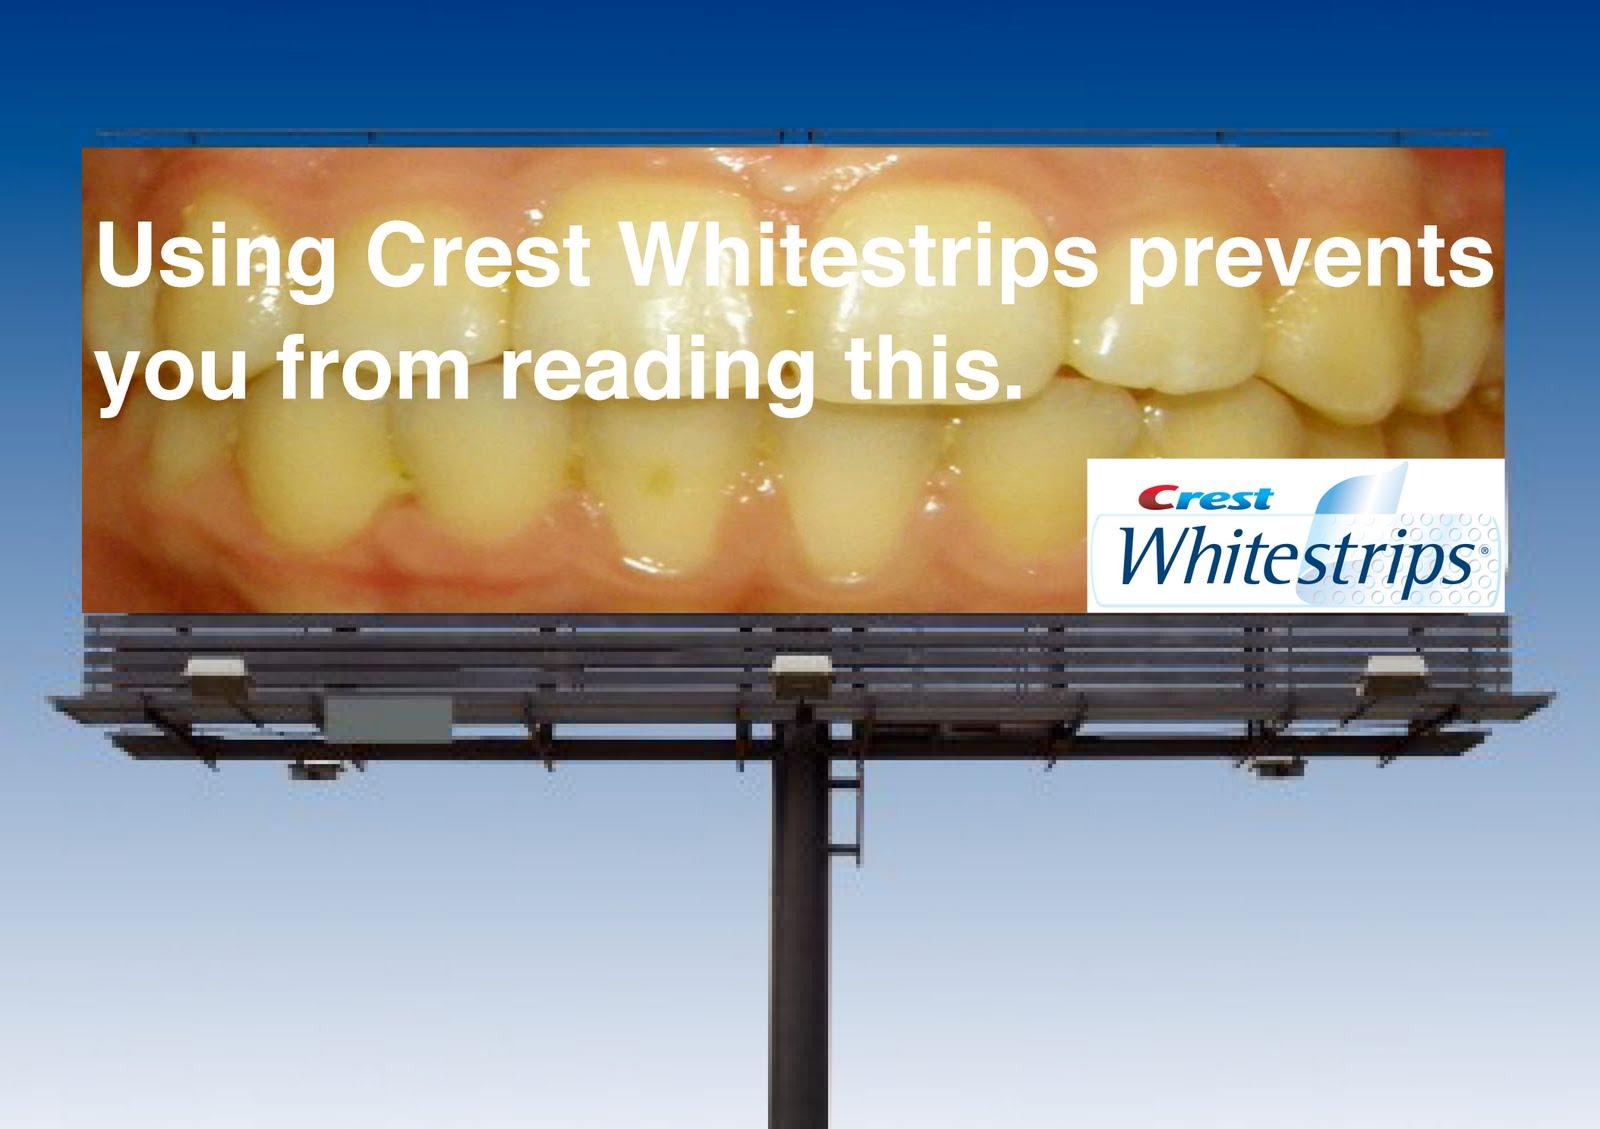 crest-whitestrips-billboard-ad6